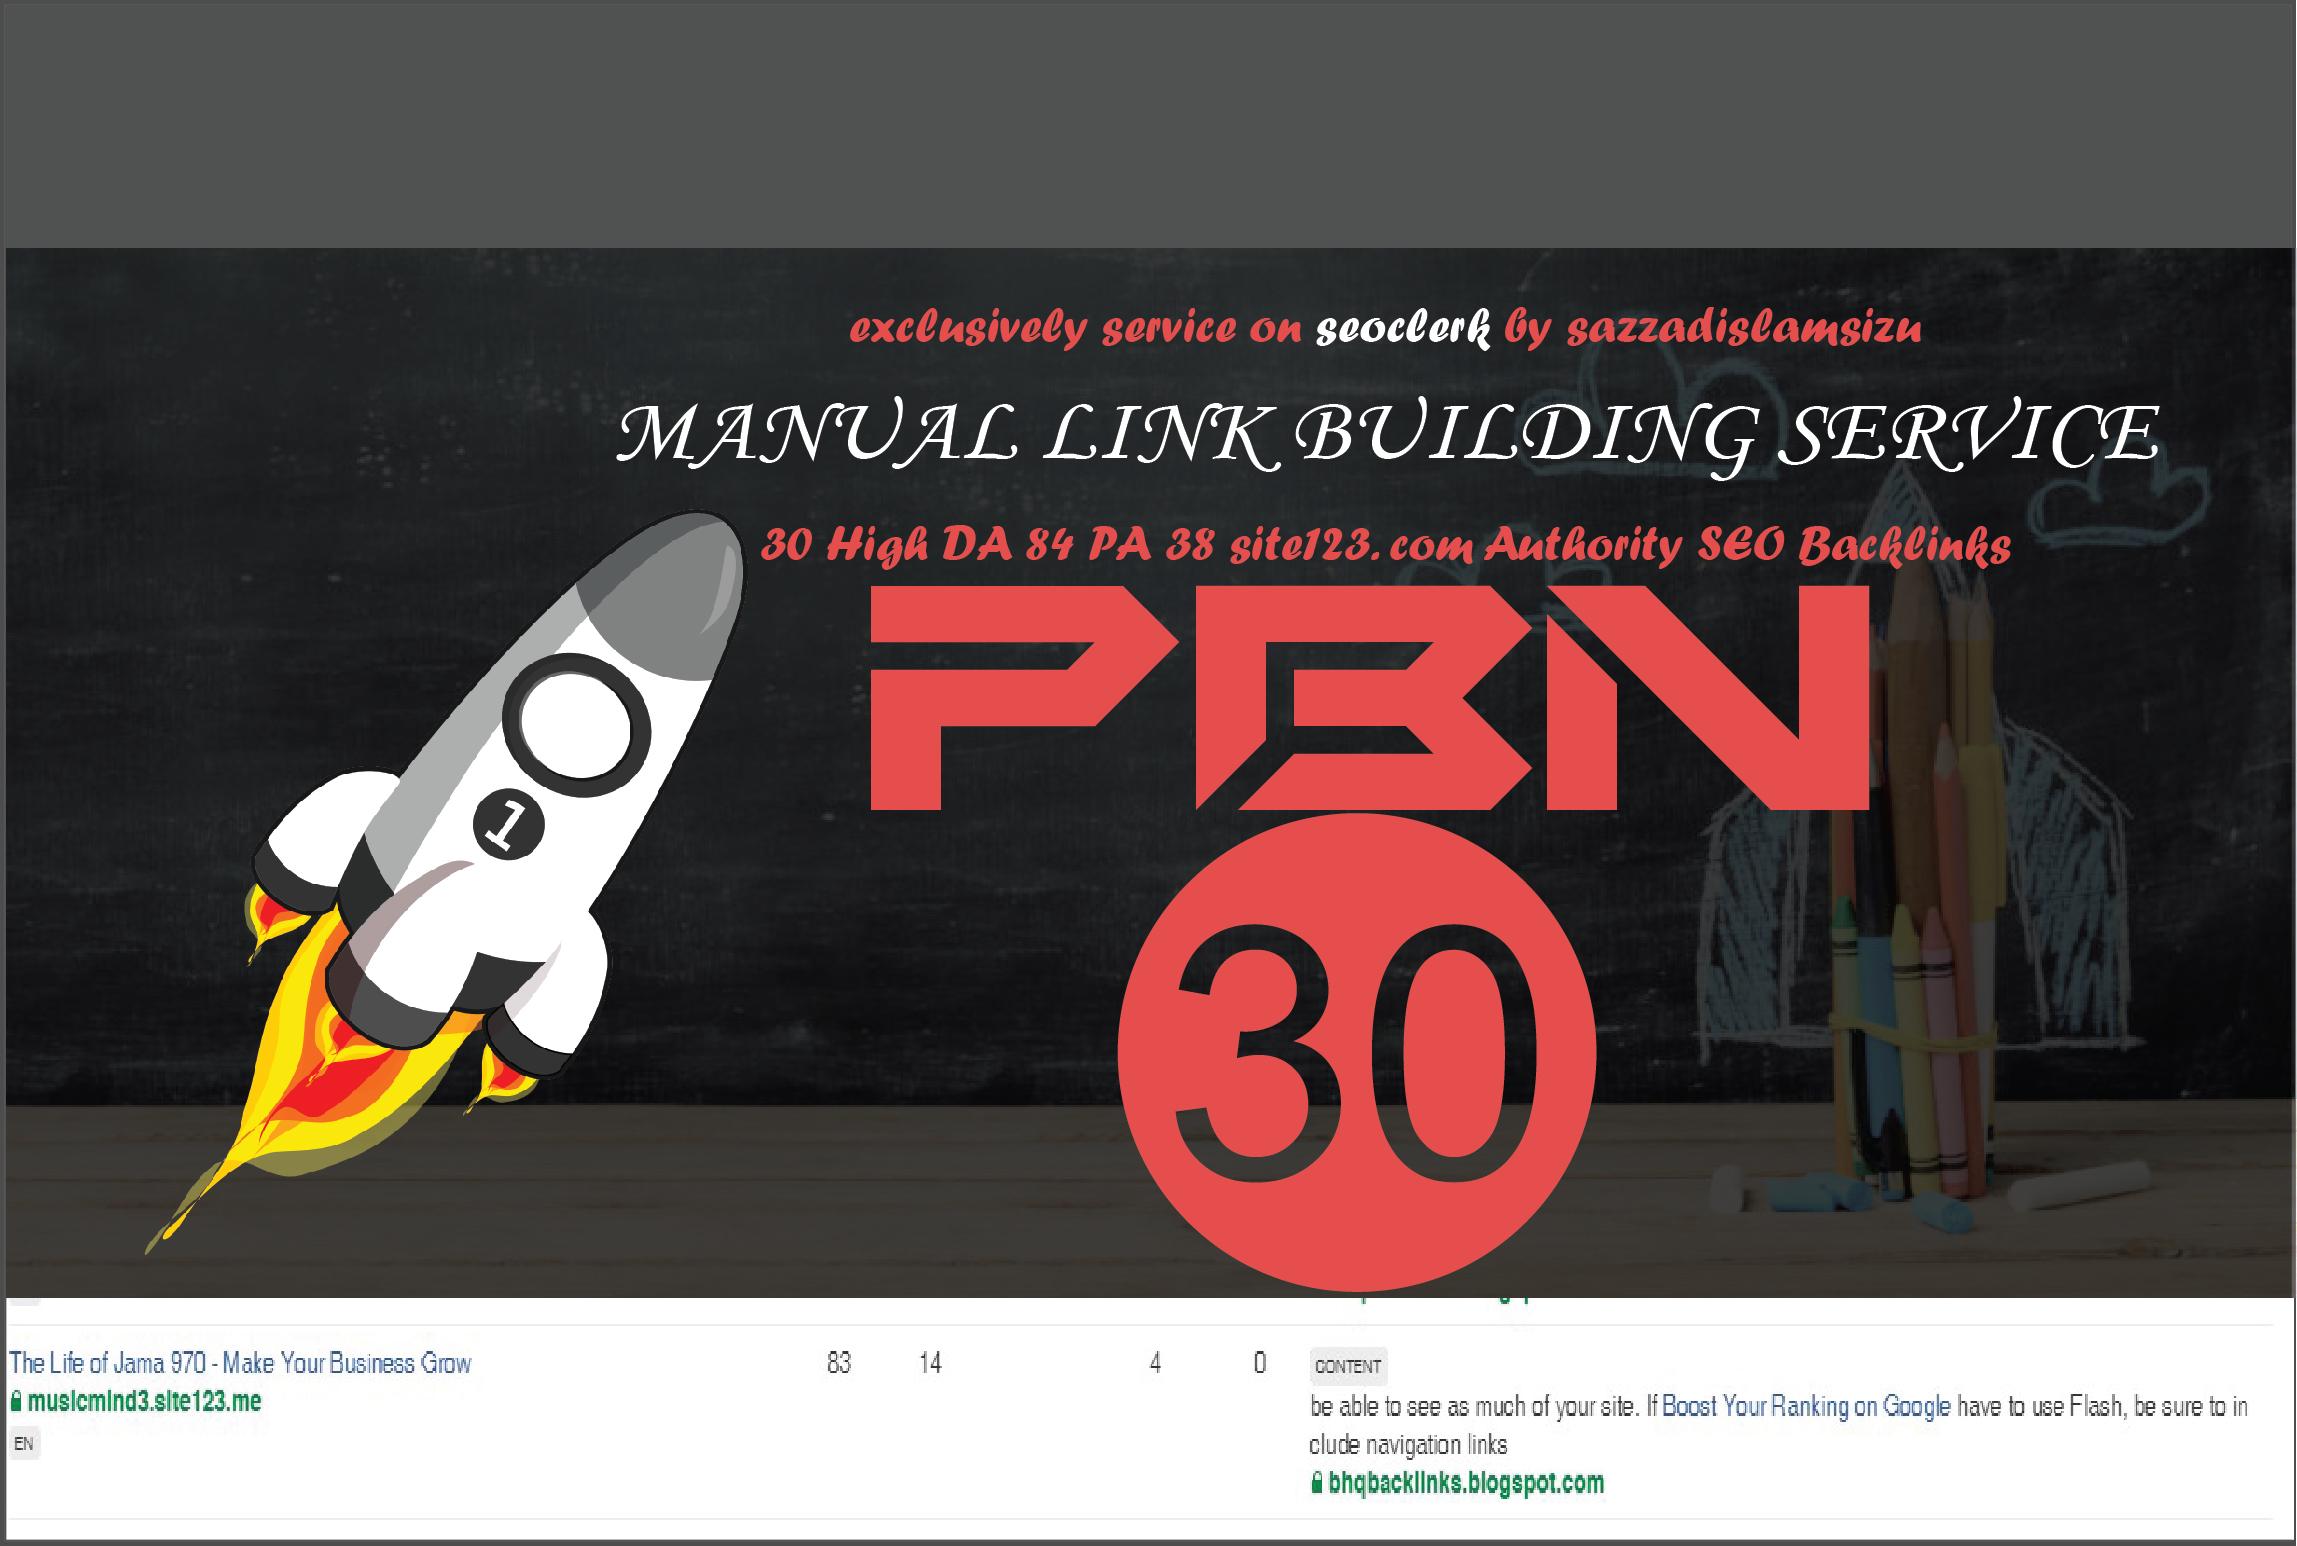 30 High DA 84 PA 38 site123. com Authority SEO Backlinks